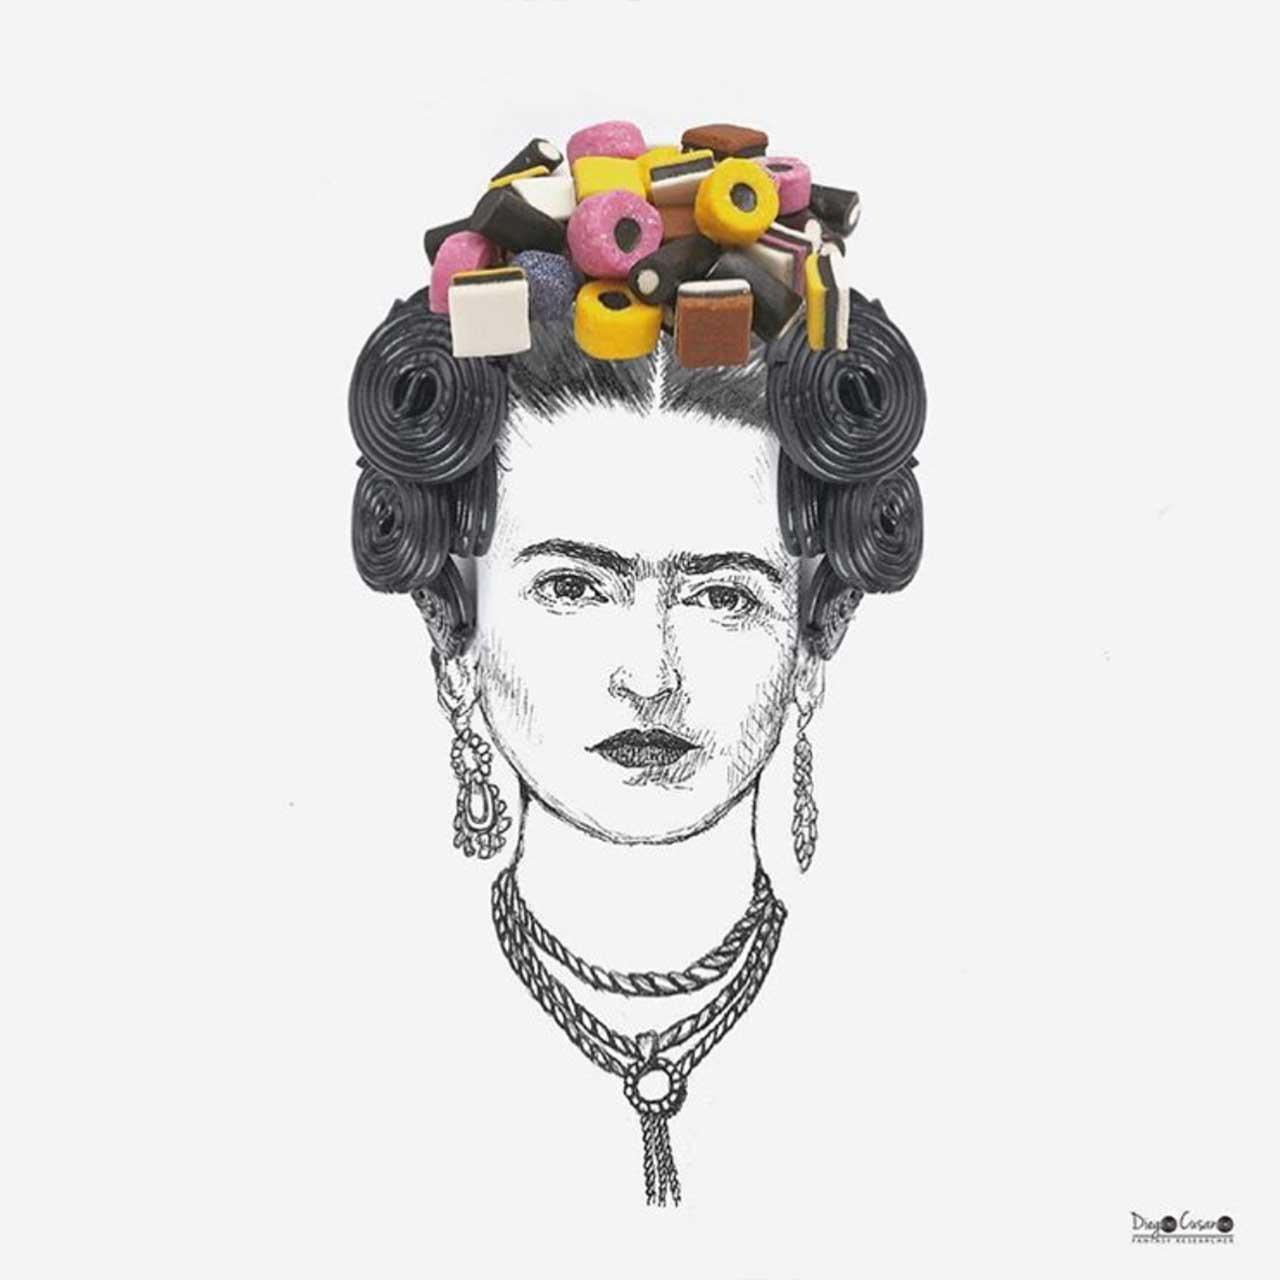 Diego Cusano vermischt Alltagsgegenstände mit Zeichnungen Diego-Cusano-alltagsdinge-treffen-zeichnungen_06